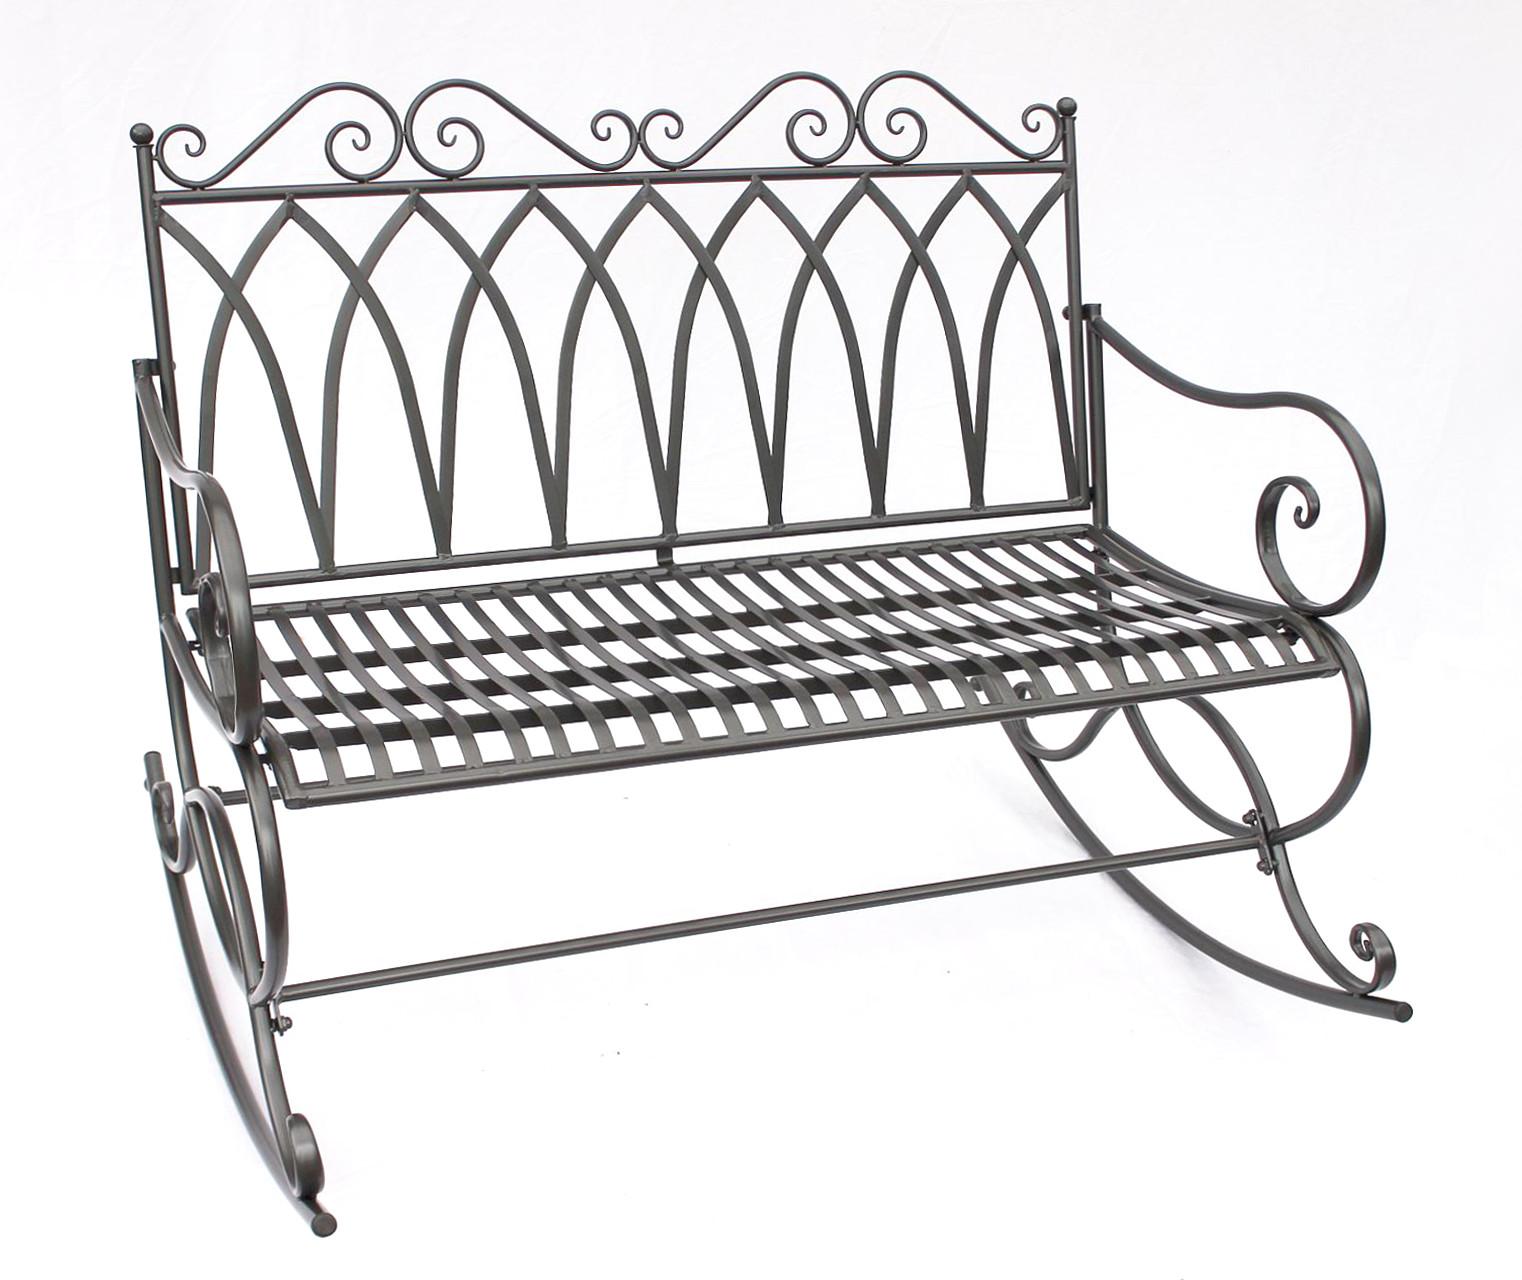 schaukelbank 132730 gartenbank aus metall bank 112cm. Black Bedroom Furniture Sets. Home Design Ideas